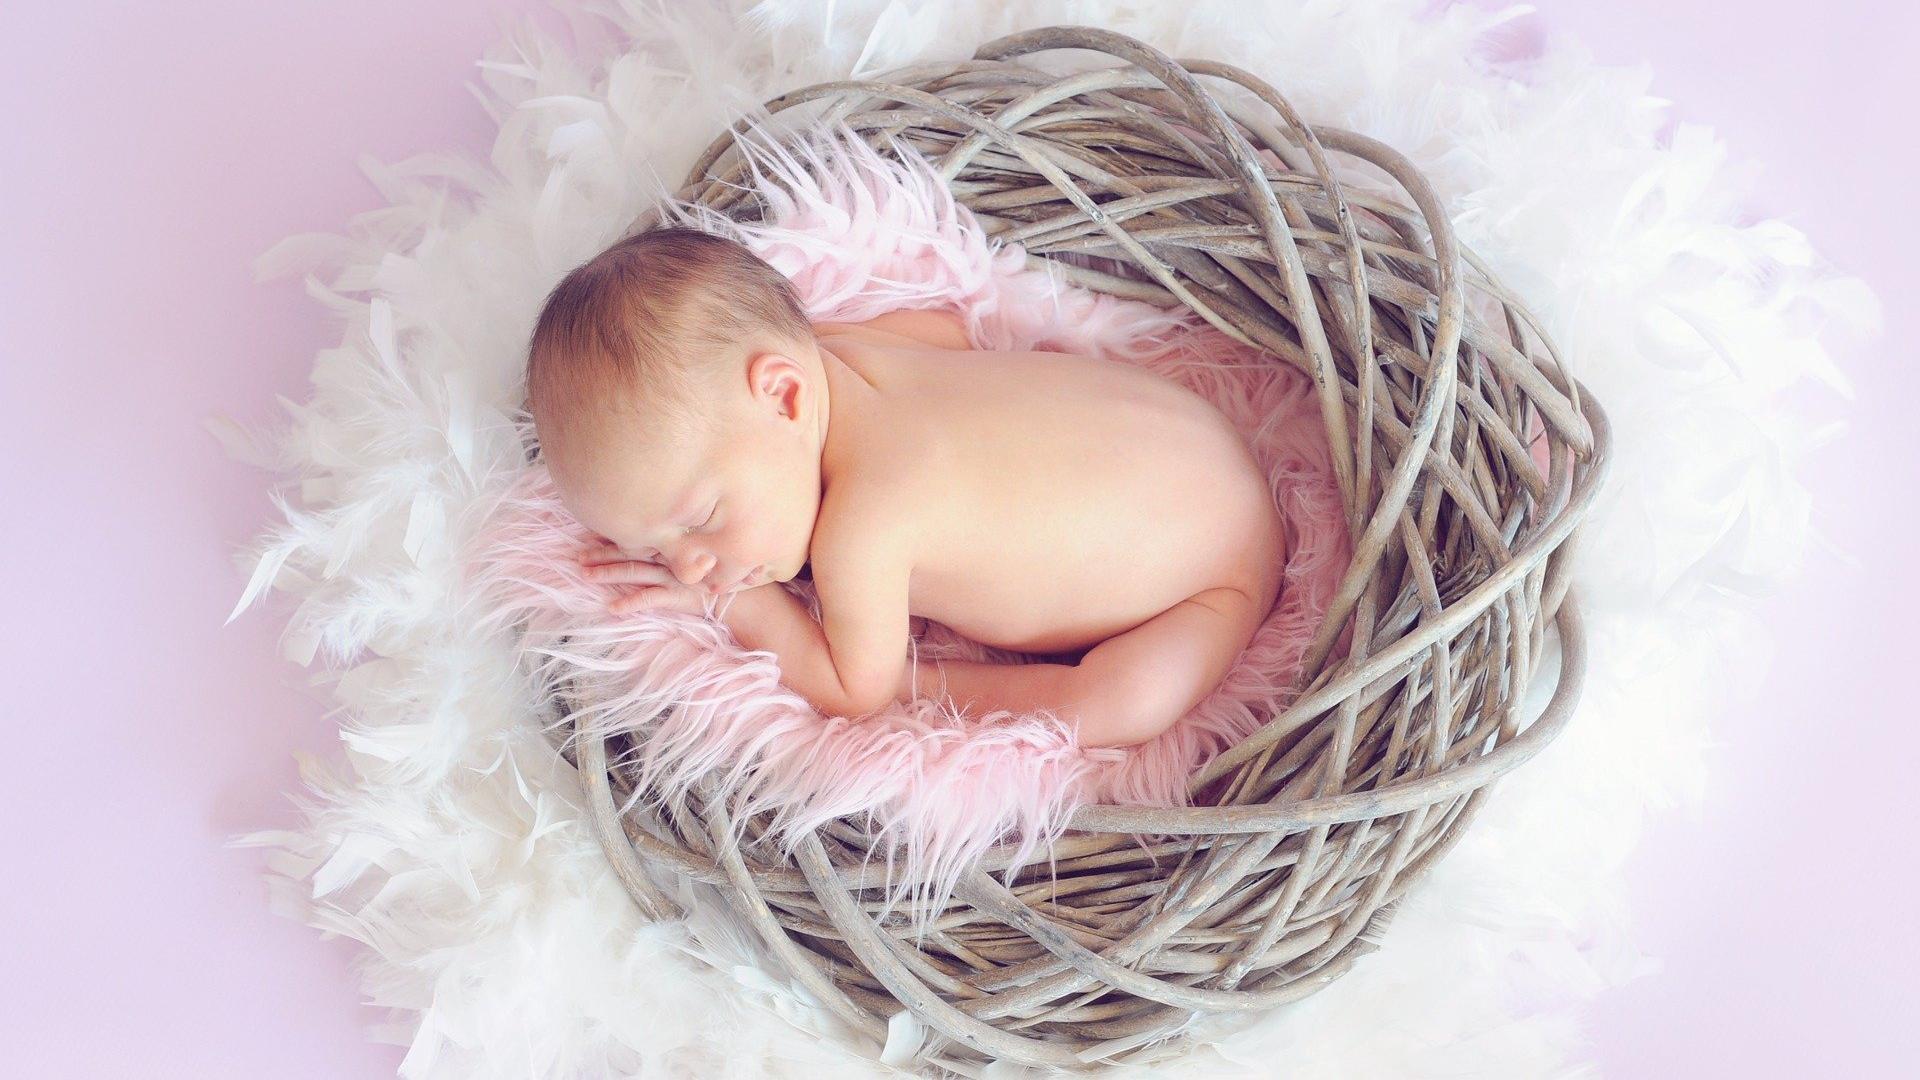 Dass Neugeborene den ganzen Tag schlafen, ist normal und nicht ungewöhnlich.